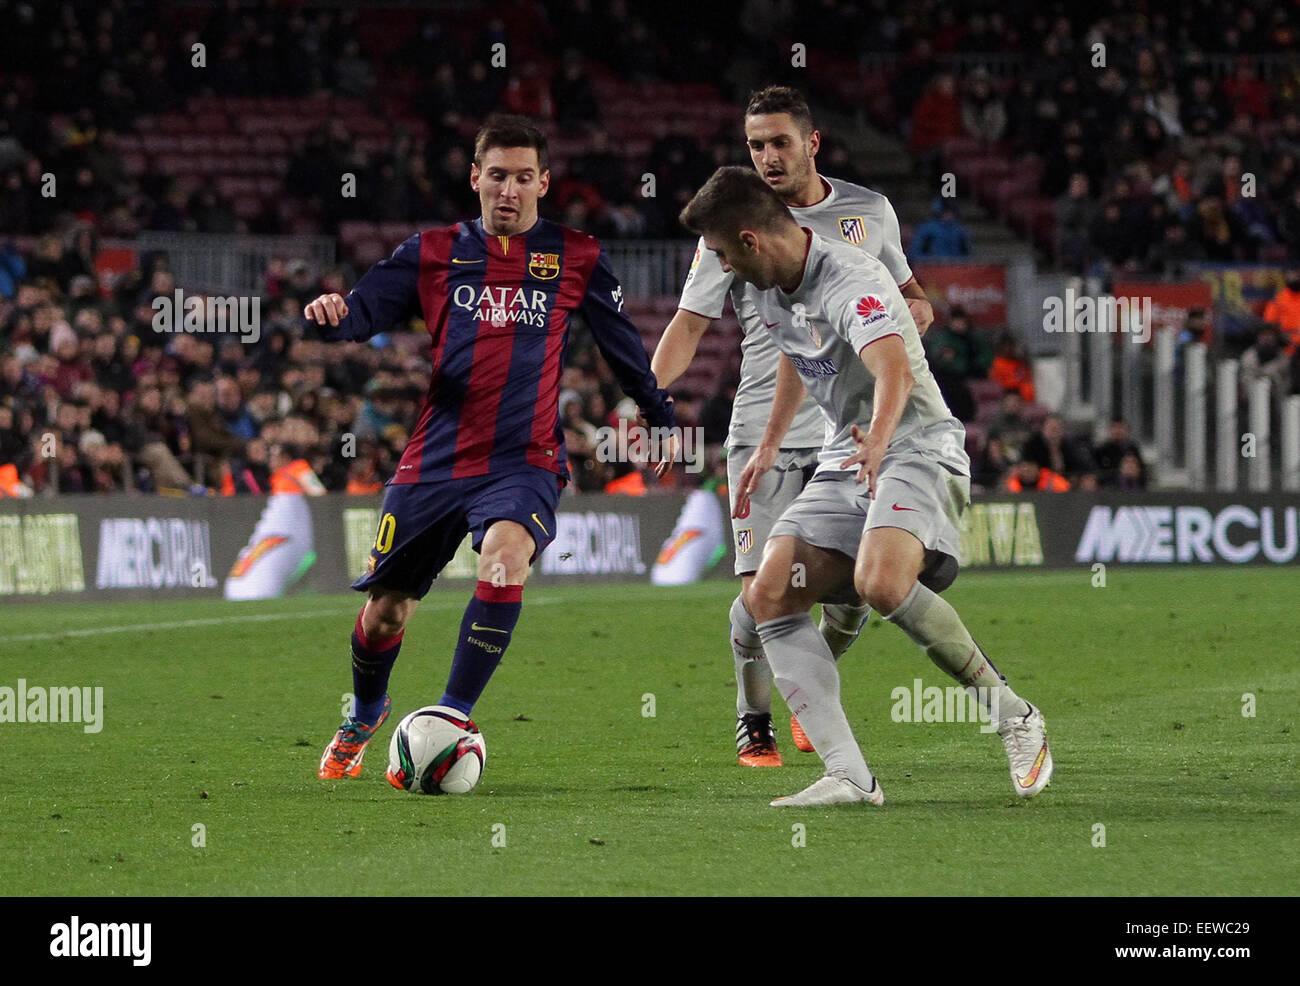 Barcelona, España. 21 ene, 2015. Copa del Rey cuartos de ...